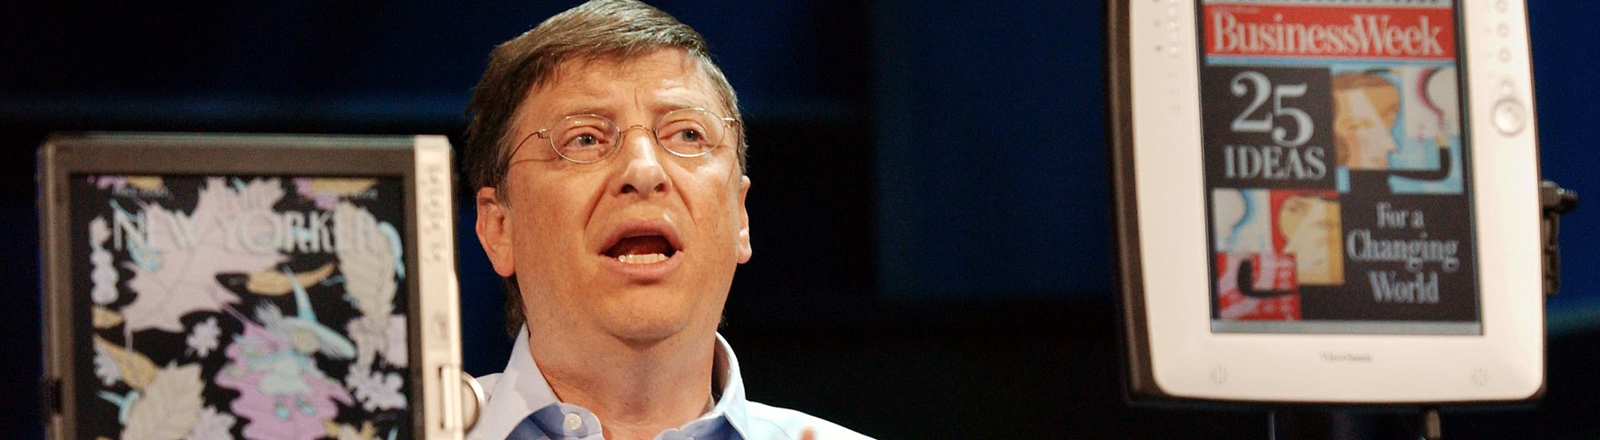 Microsoft-Gründer Bill Gates steht am 7.11.2002 in New York zwischen zwei Modellen des Tablet PC.